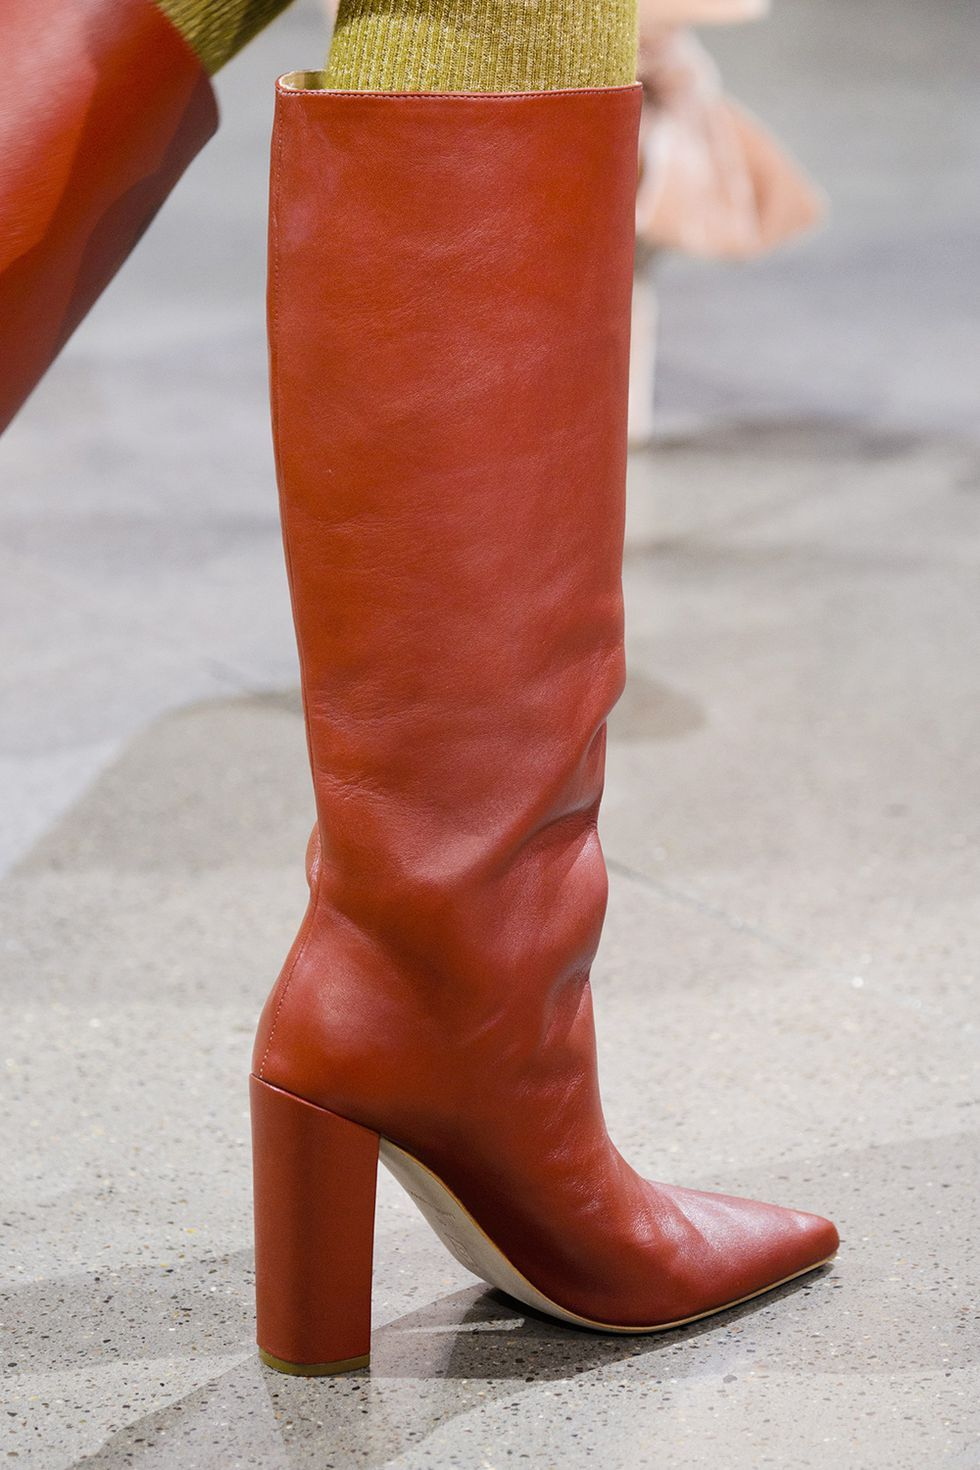 Boots, Trending shoes, Heels